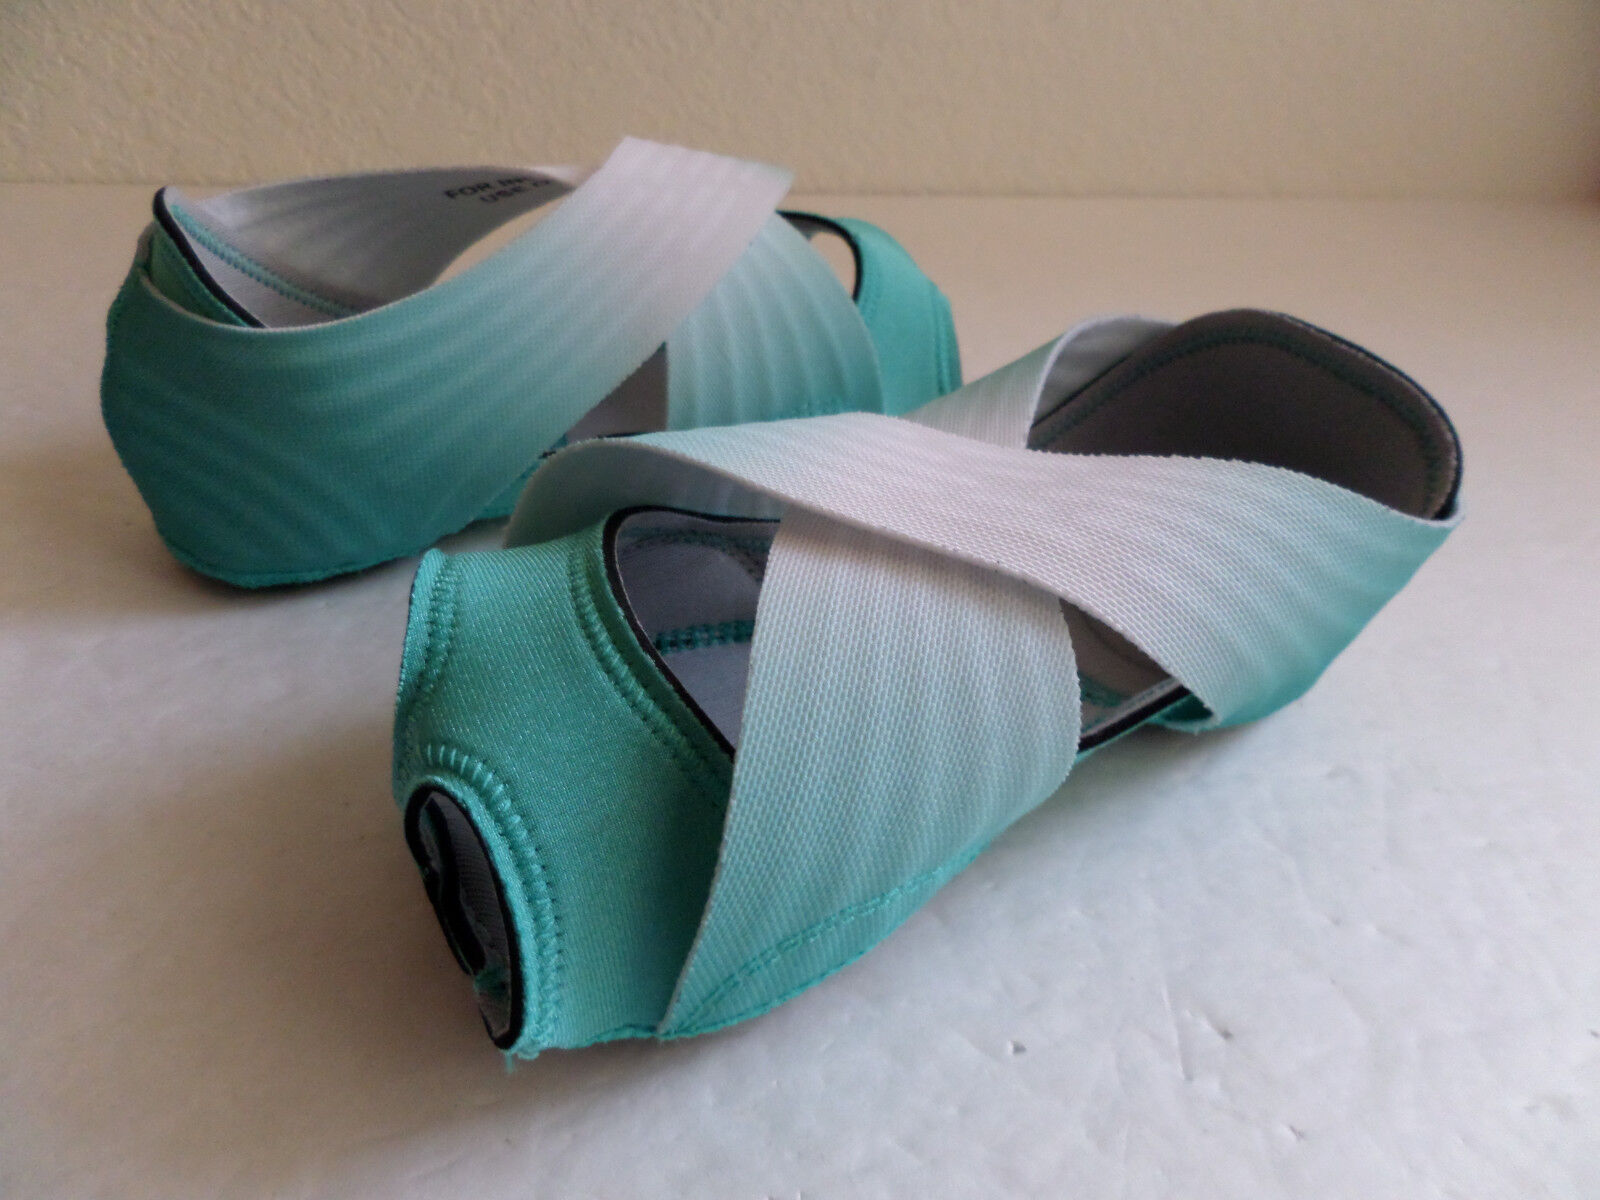 Nike Light Studio Wrap 3 Women's Training Shoe Light Nike Retro Platinum 684864 403 597b42